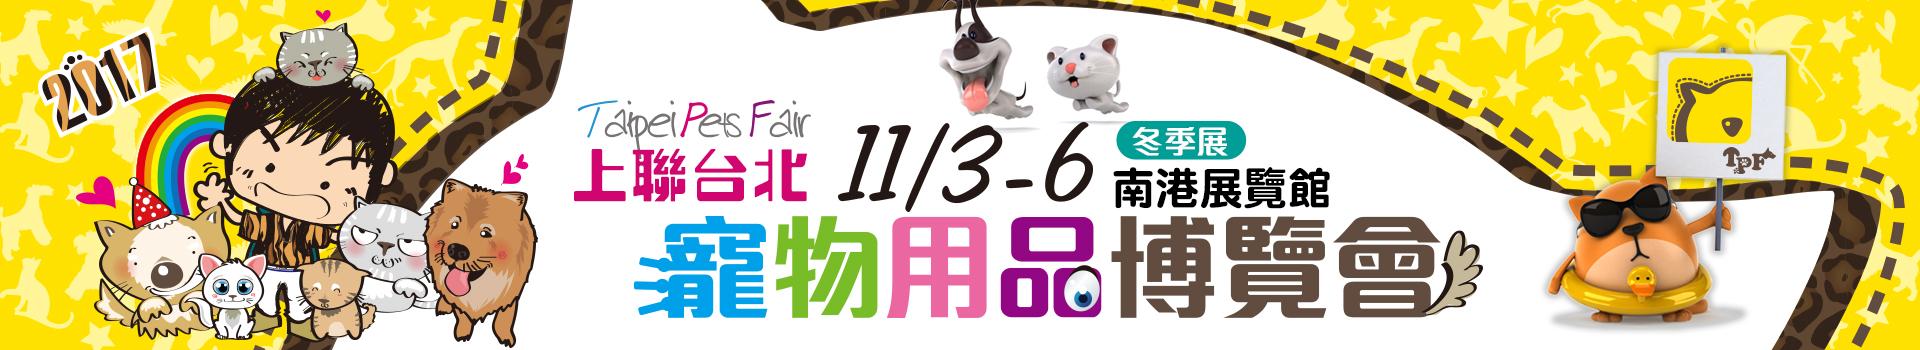 台北寵物用品博覽會(冬季展) 11/3-11/6